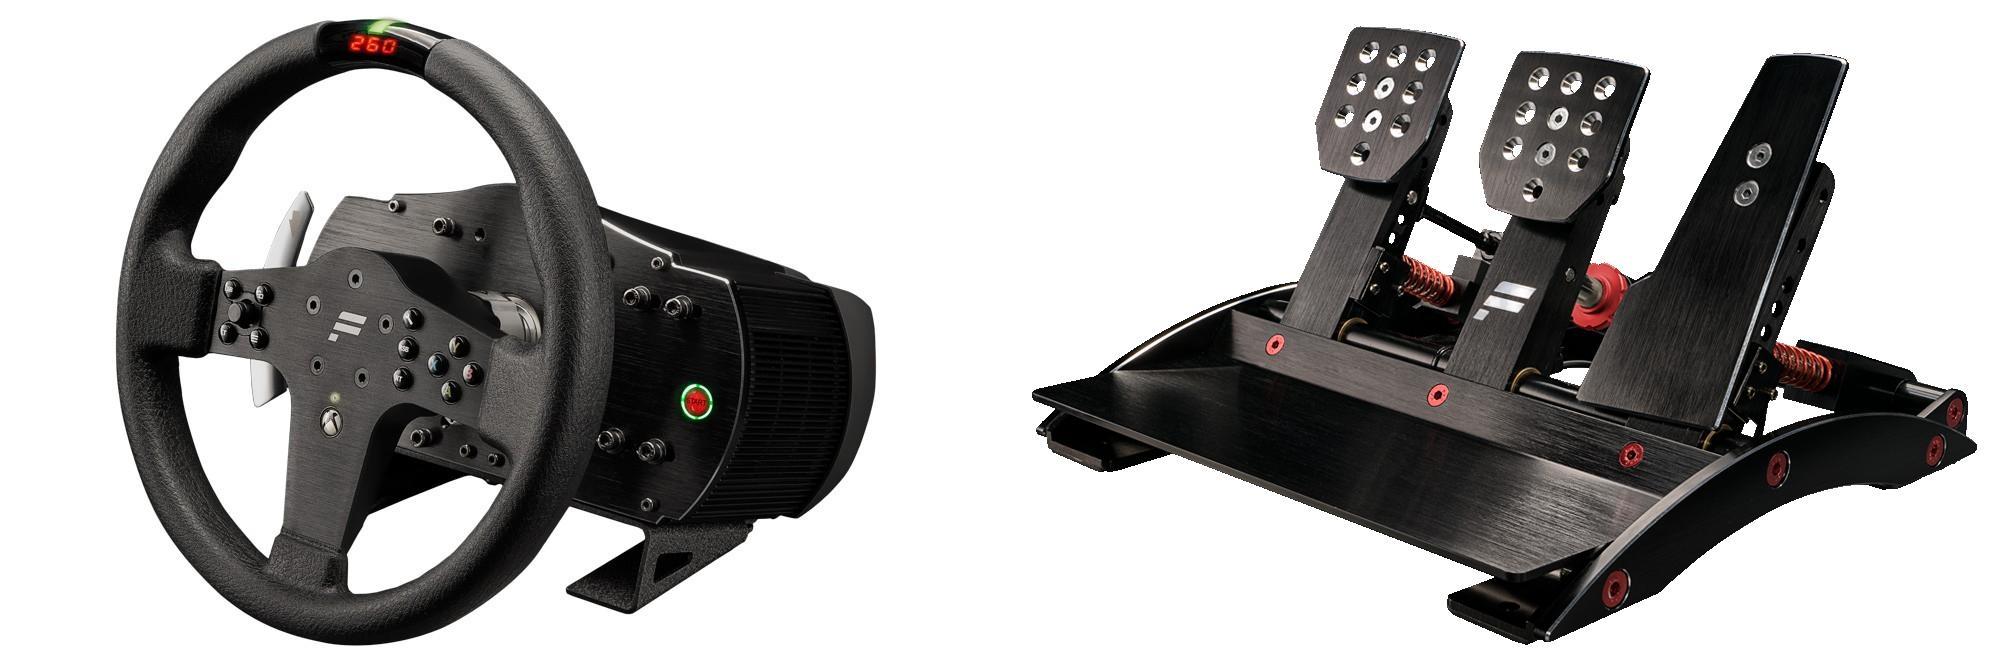 test du fanatec clubsport wheel base 2 csl steering wheel p1 la rolls du volant pour xbox one. Black Bedroom Furniture Sets. Home Design Ideas